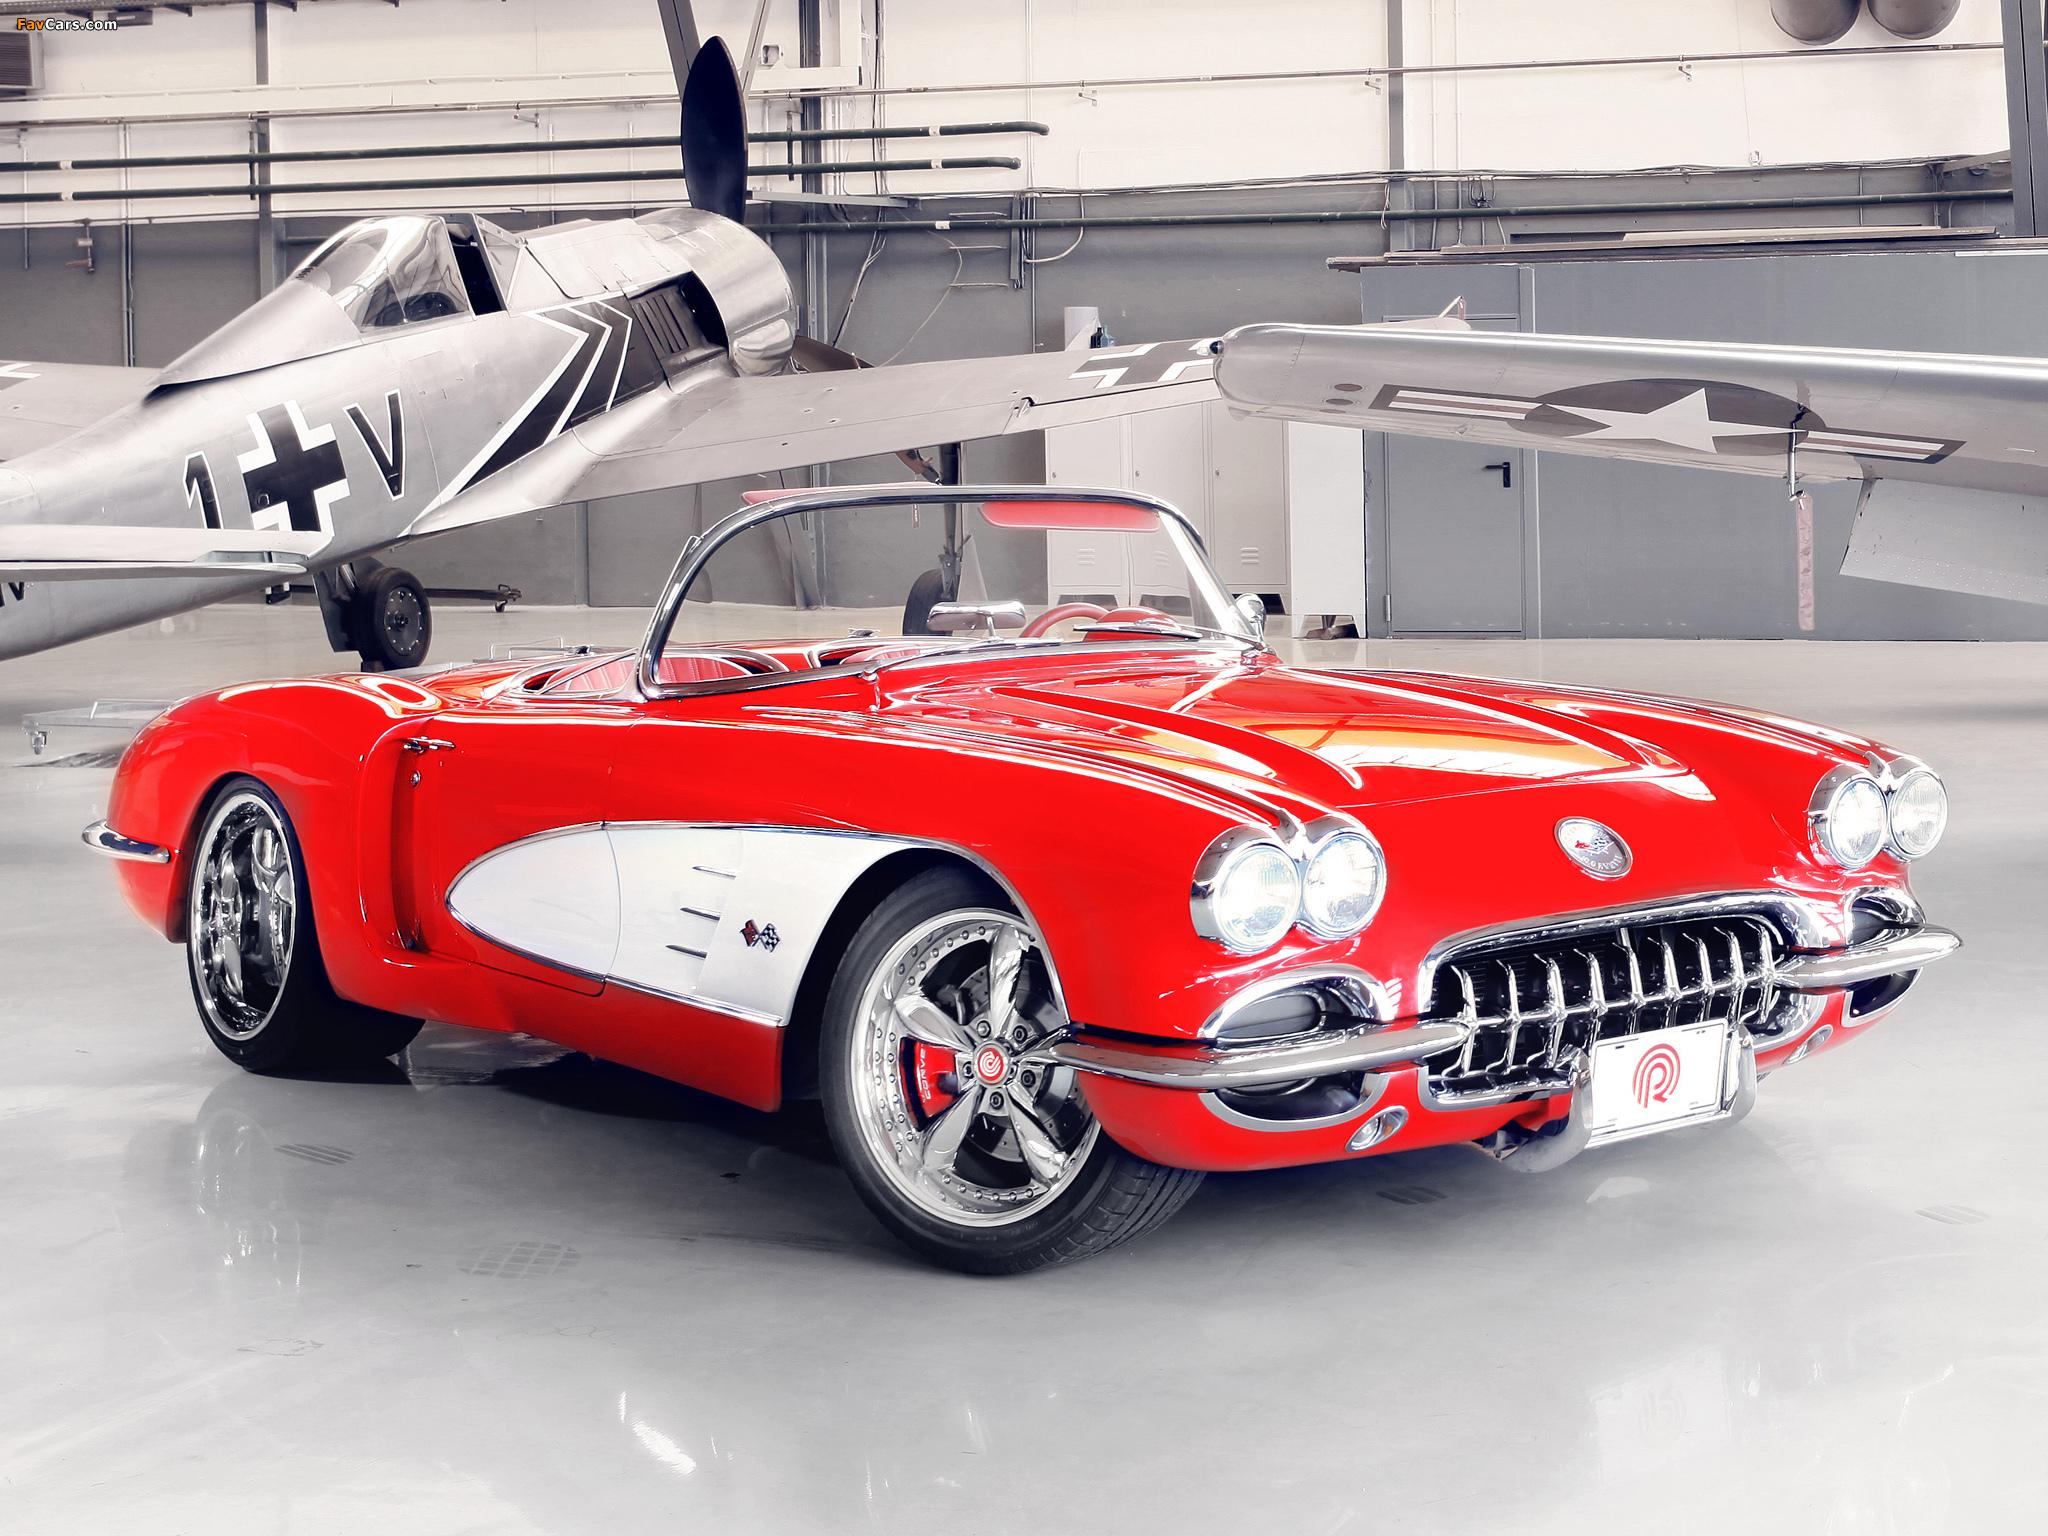 Pogea Racing Corvette C1 2012 wallpapers (2048 x 1536)